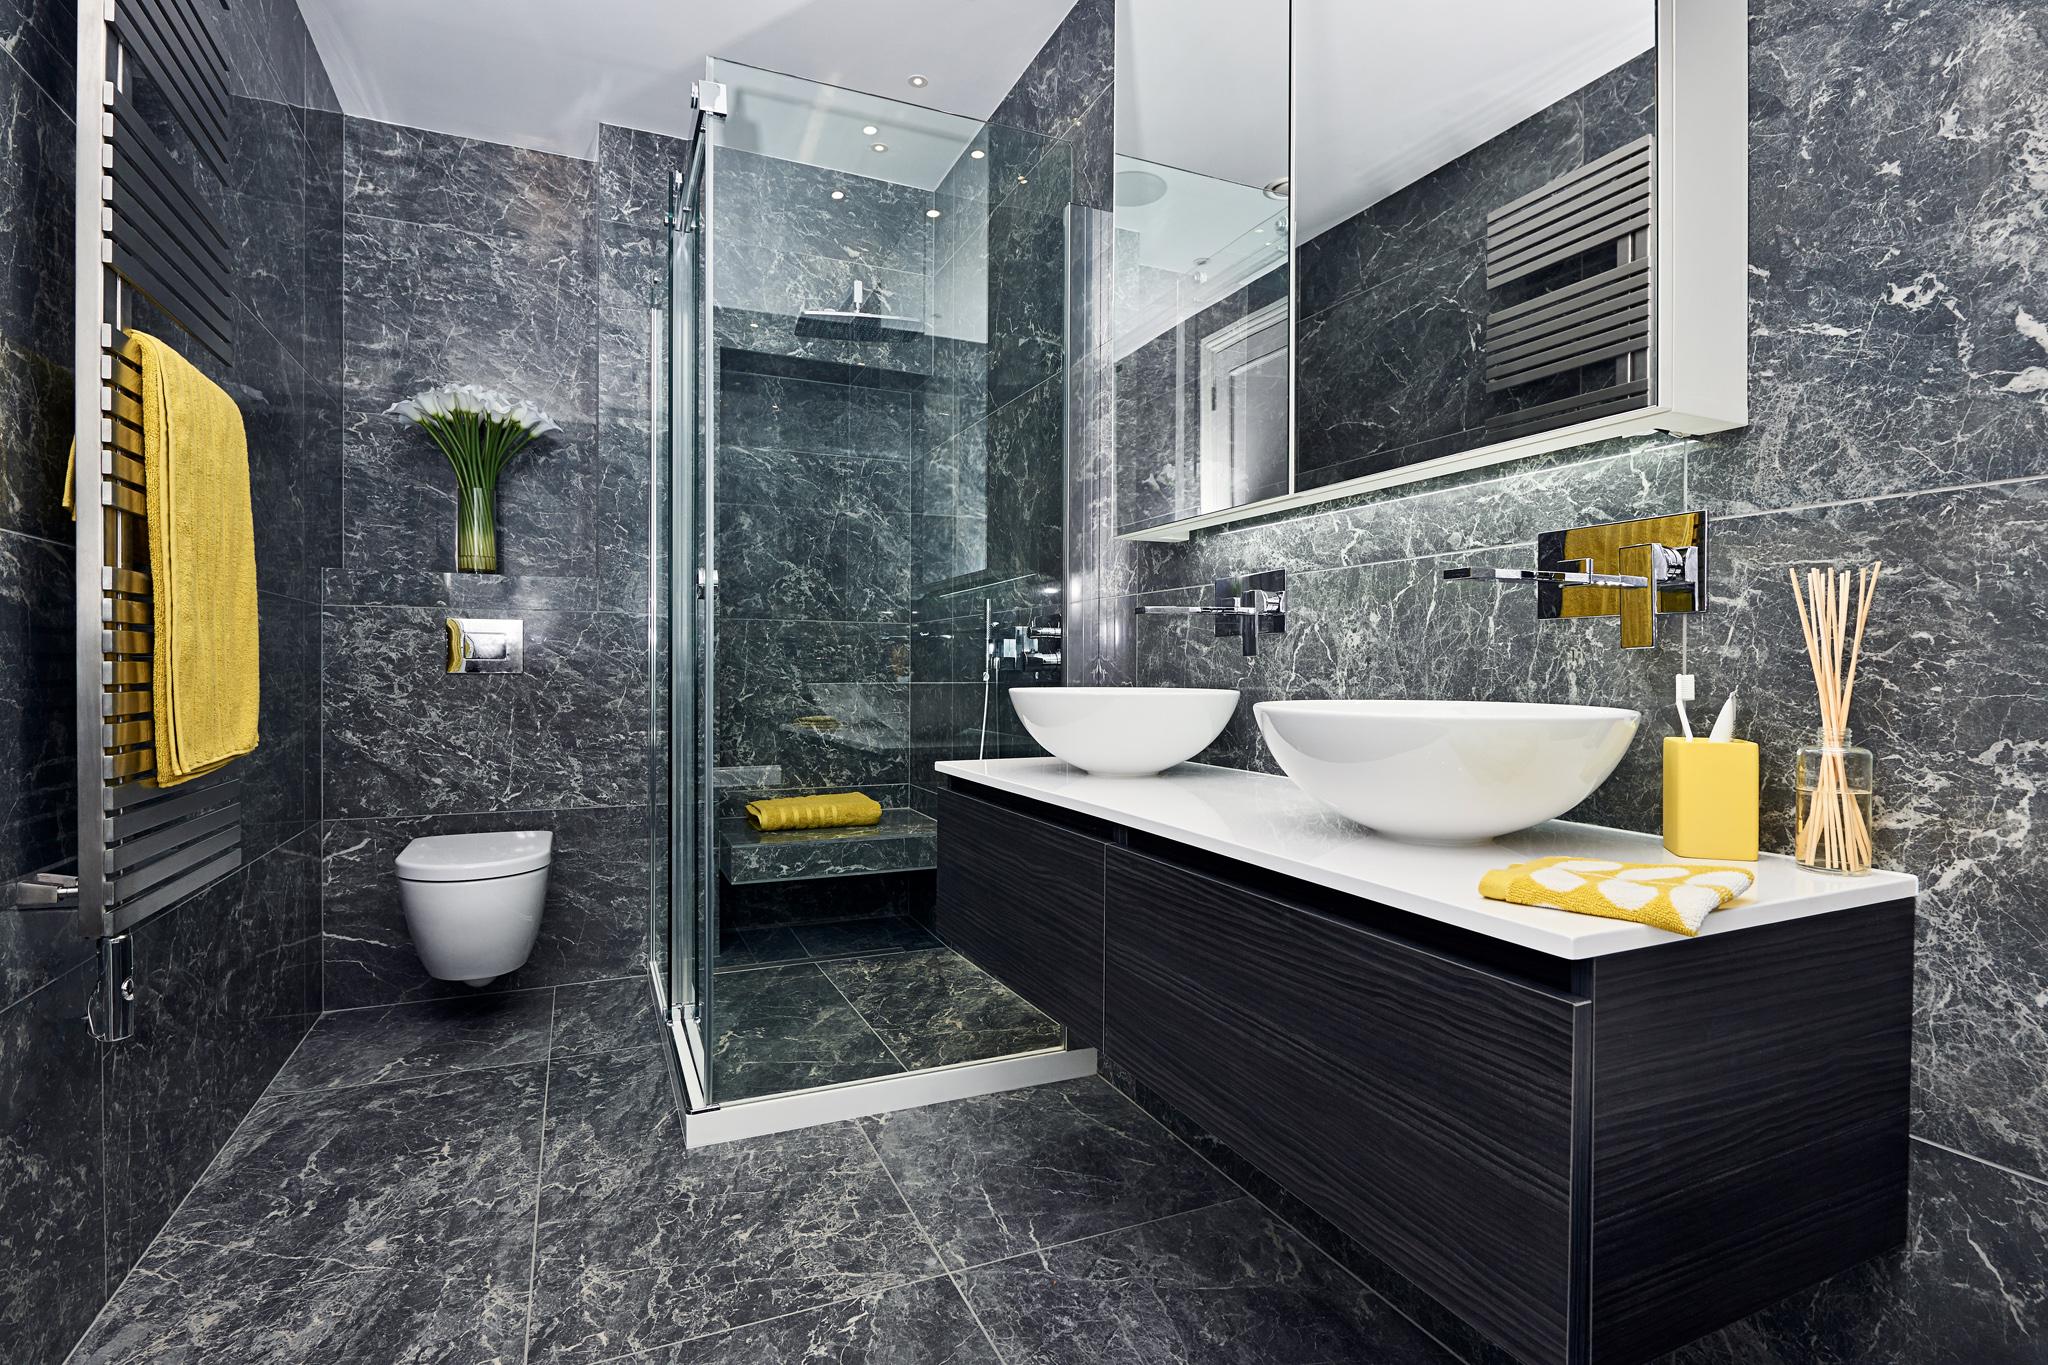 porcelain tile images: Precious range high quality photo